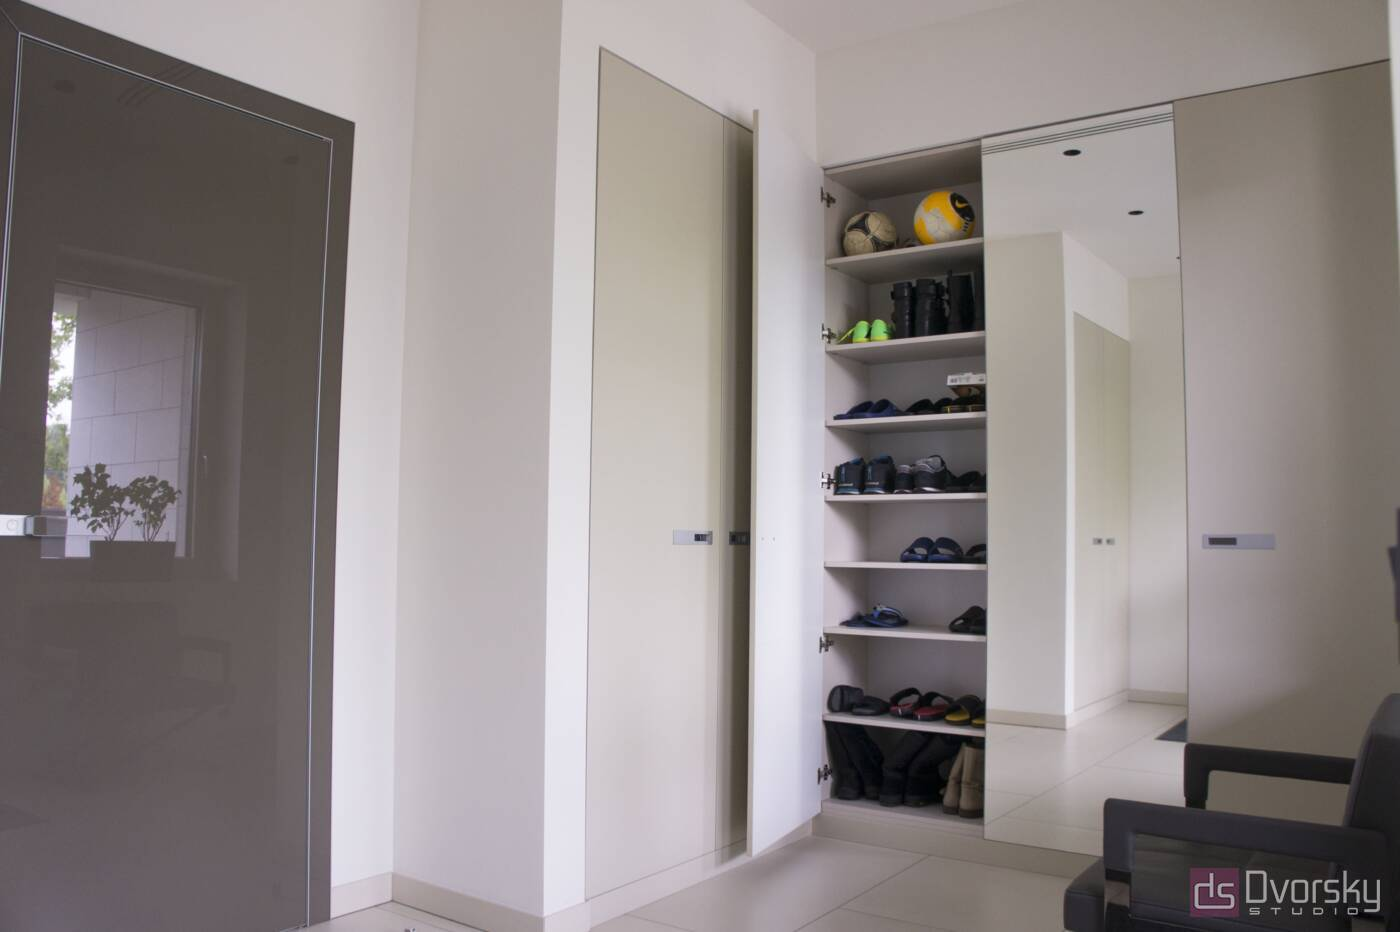 Шкафы распашные Шкаф распашной с зеркалом - Фото № 4